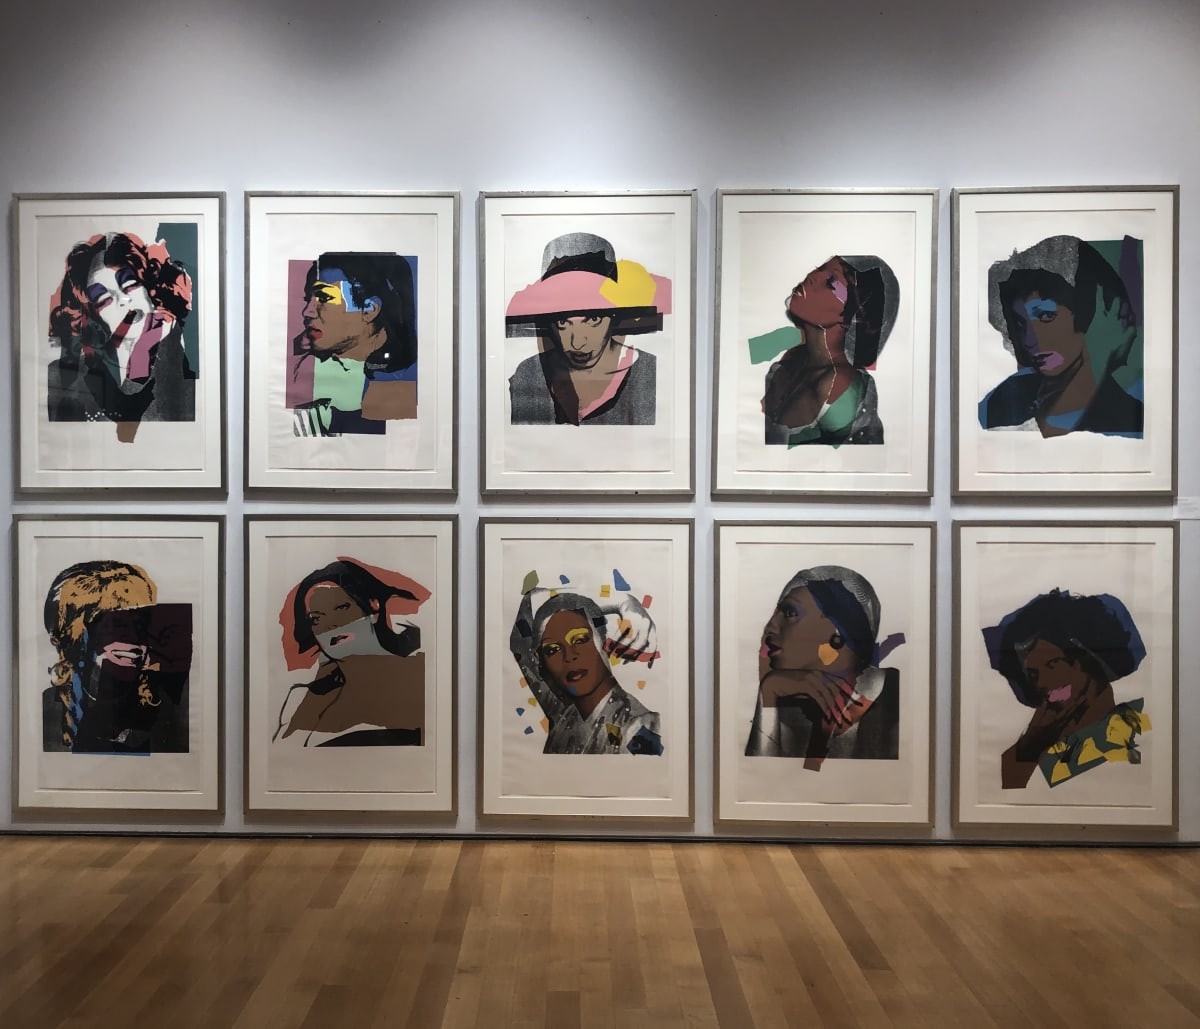 Ladies and Gentlemen II.128 - II.137, 1975, by Andy Warhol, Portfolio of Ten Screenprints, edition 125 at Coskun Fine Art